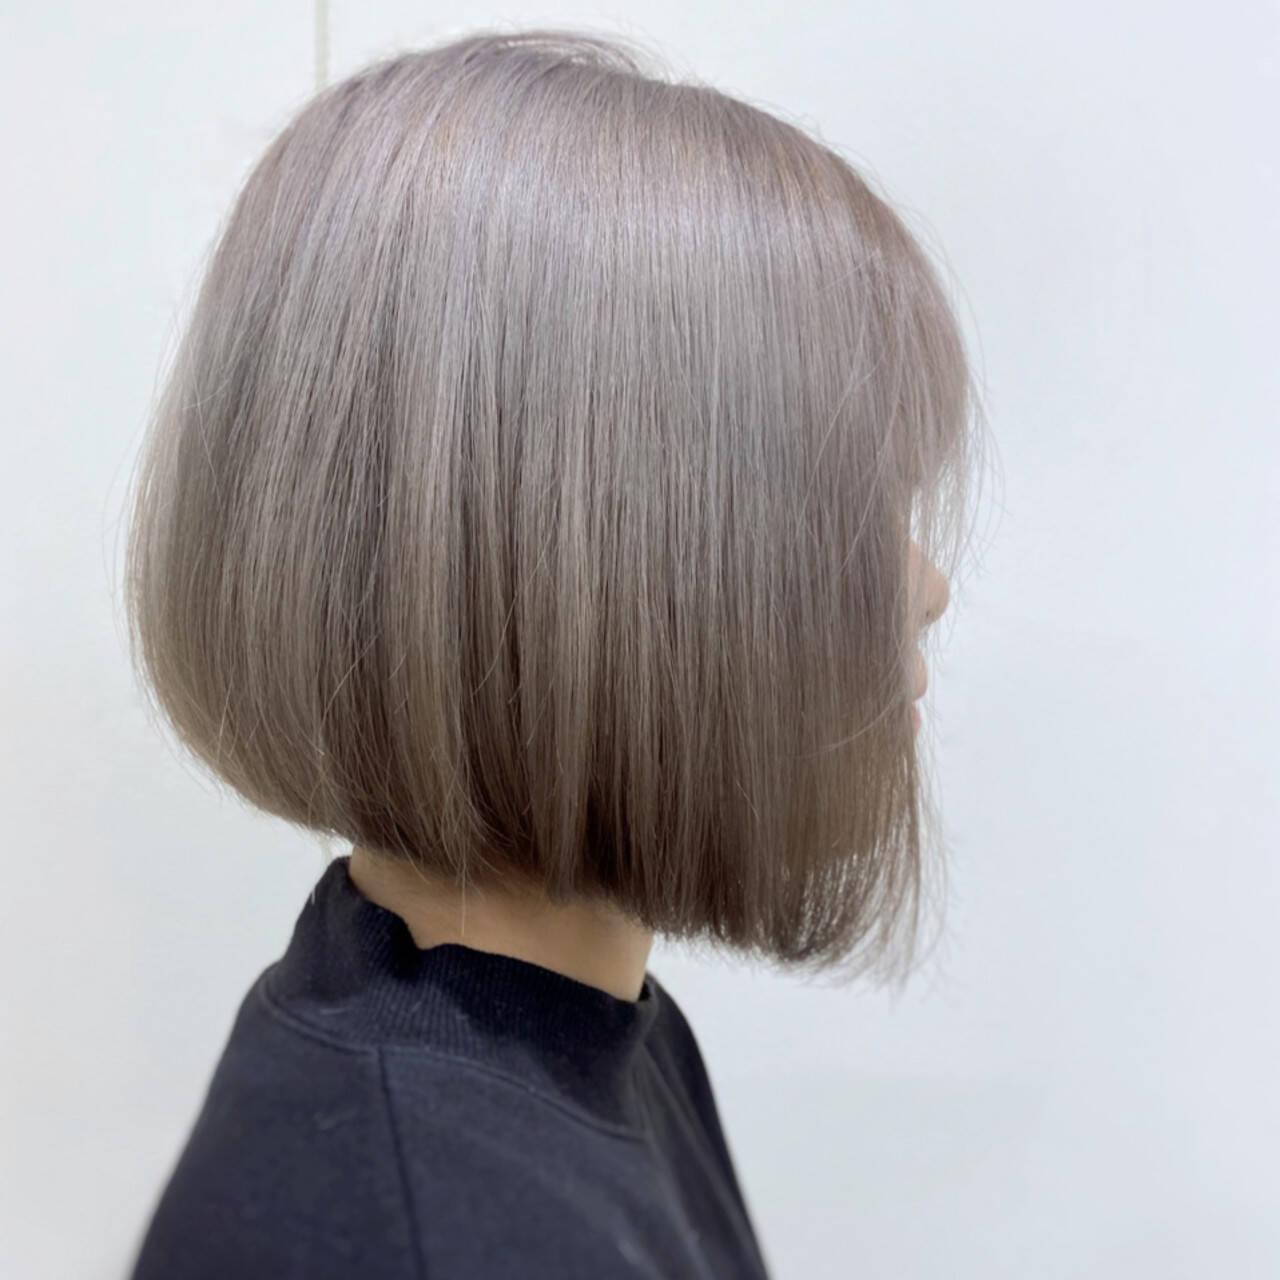 ブリーチカラー ミニボブ 切りっぱなしボブ ボブヘアスタイルや髪型の写真・画像